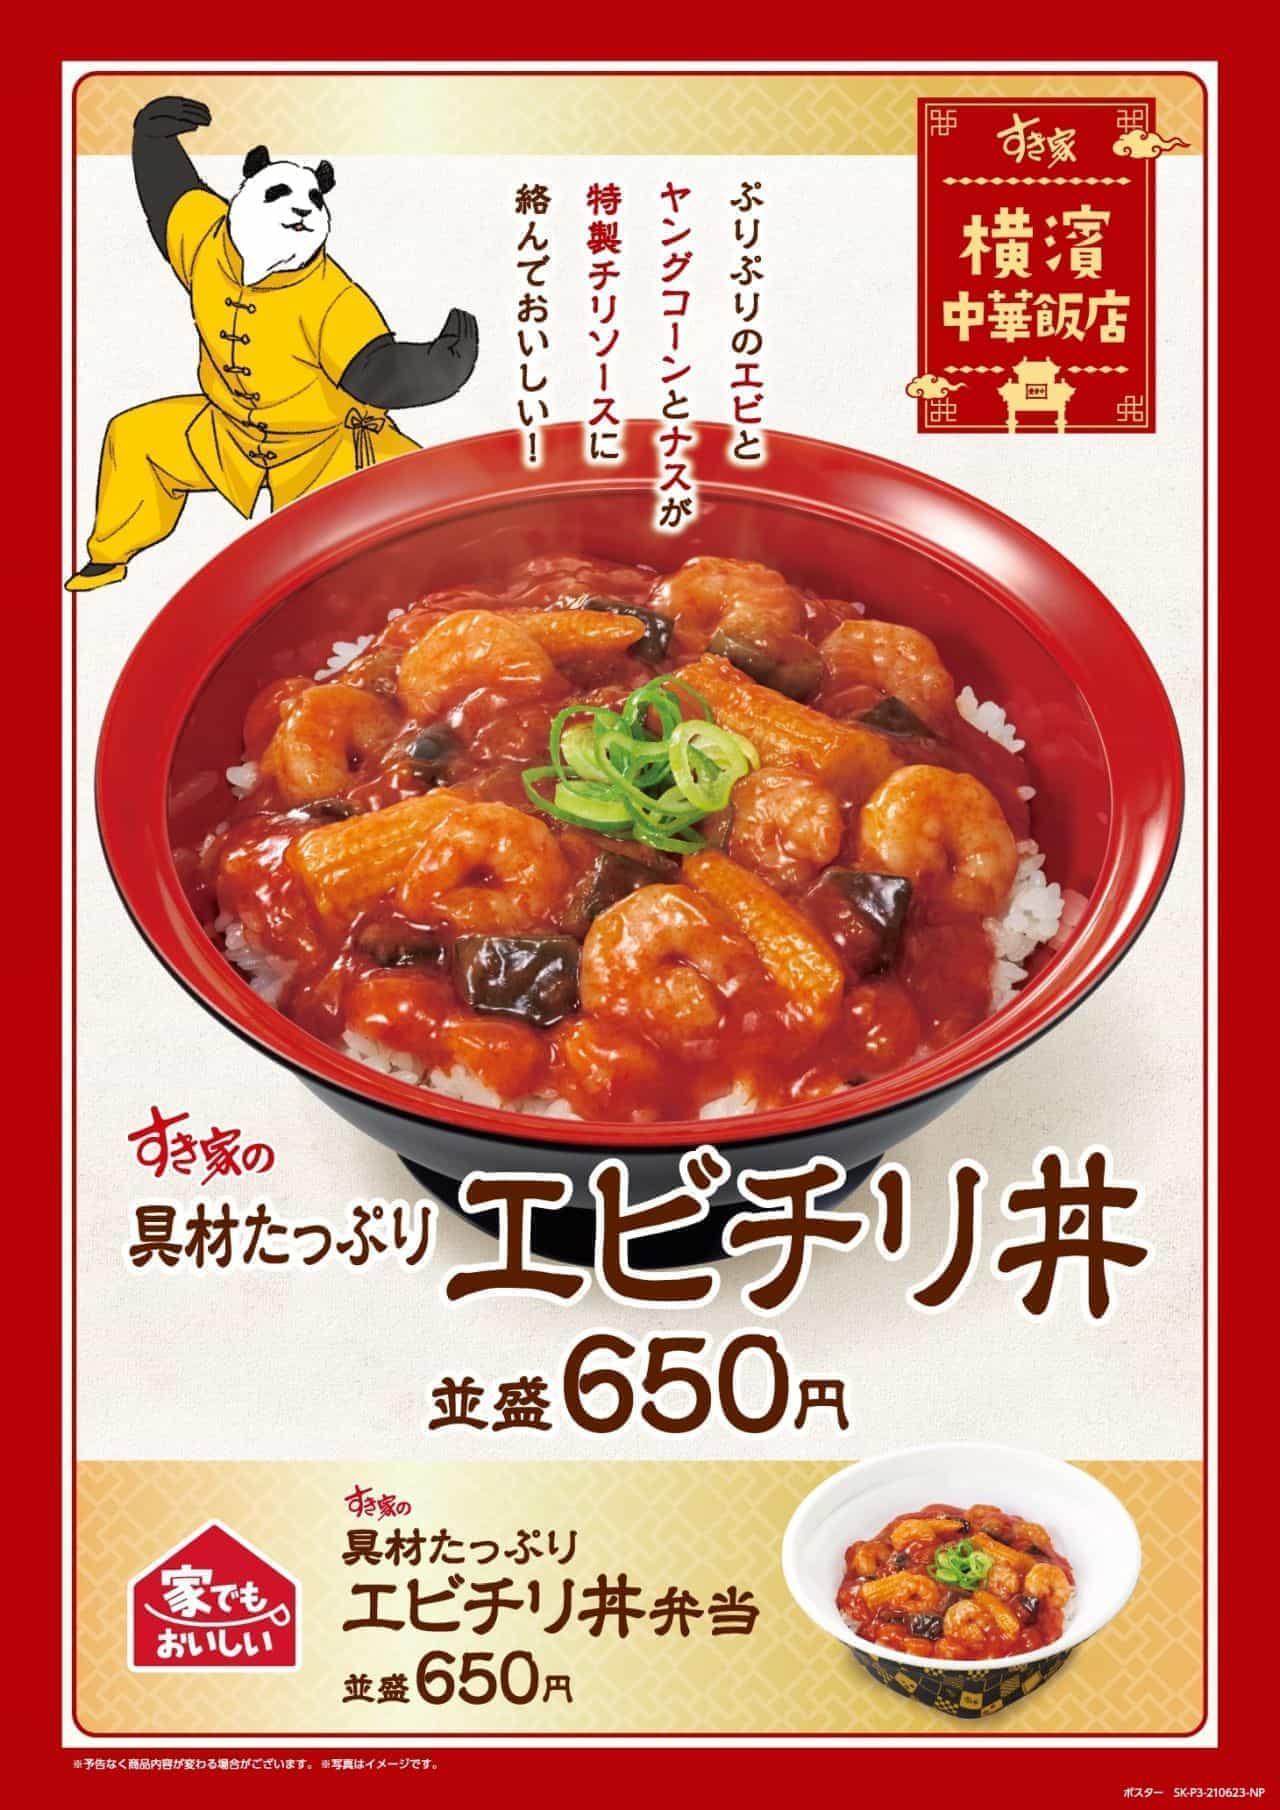 すき家「具材たっぷりエビチリ丼」